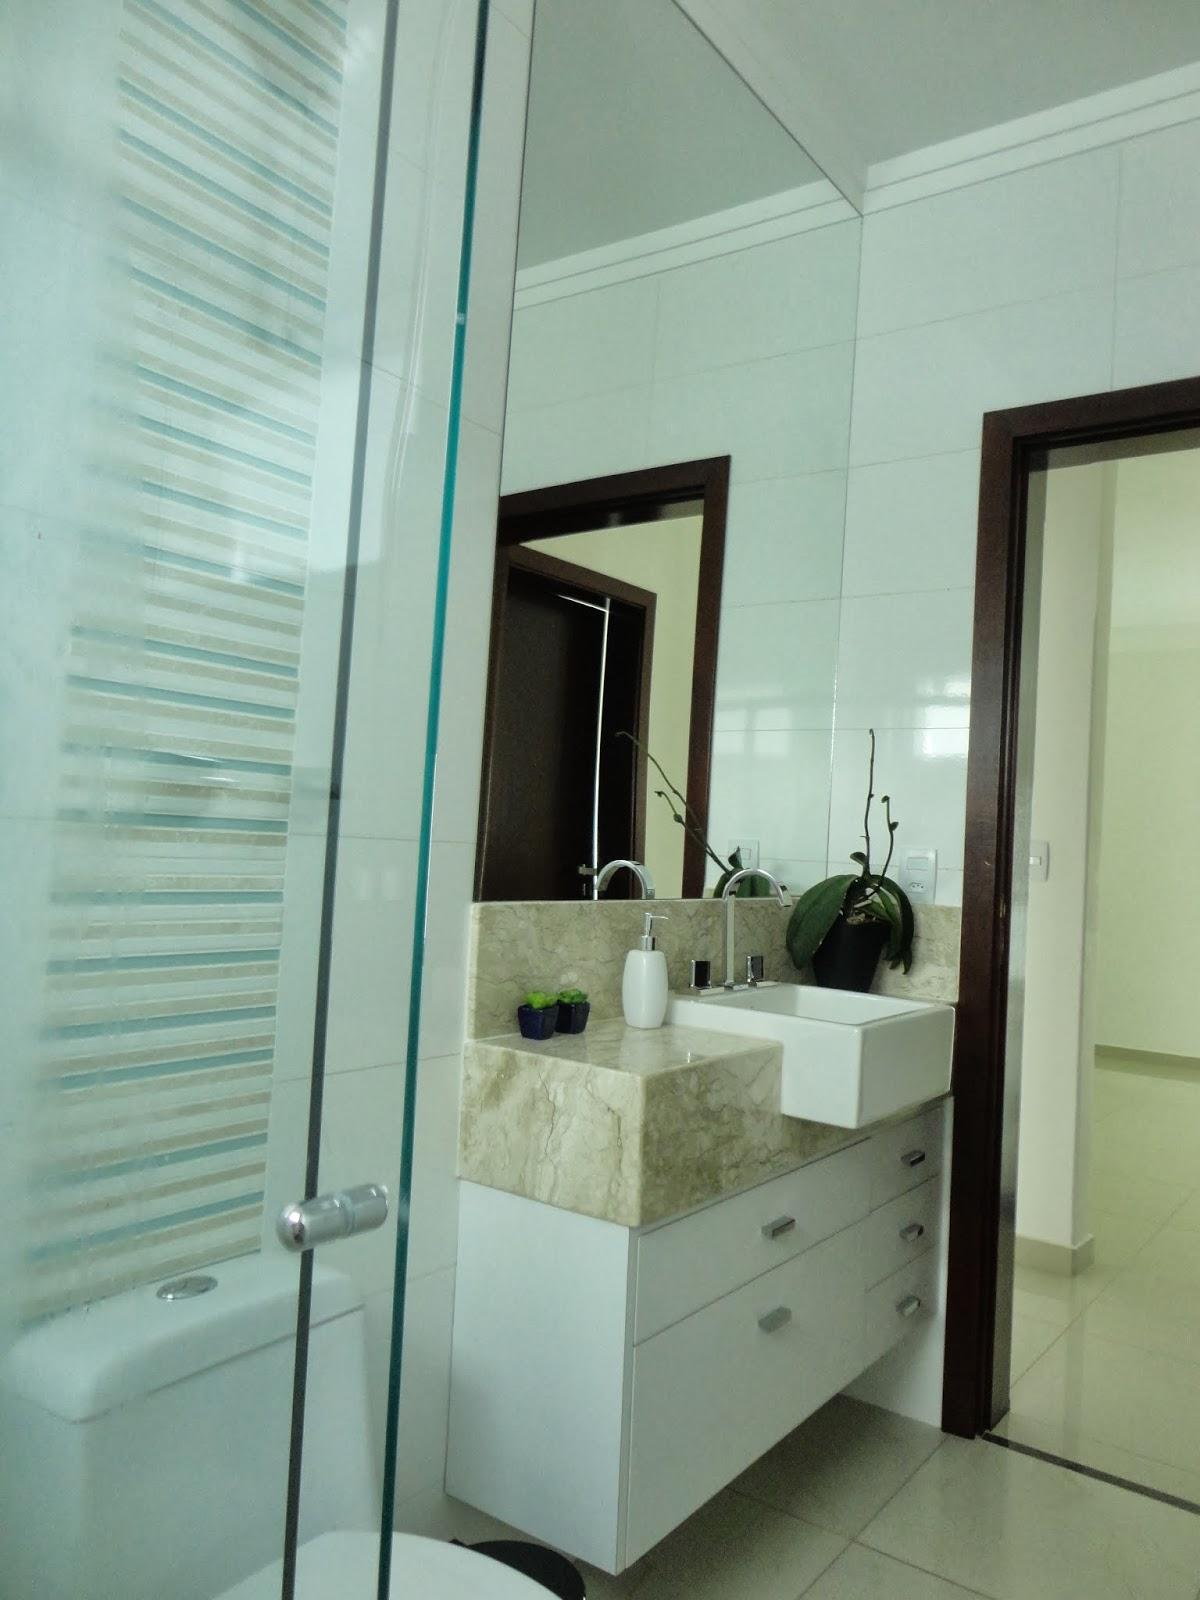 de ideias pra colocar nichos e penduradores de toalhas no banheiro  #32716D 1200 1600